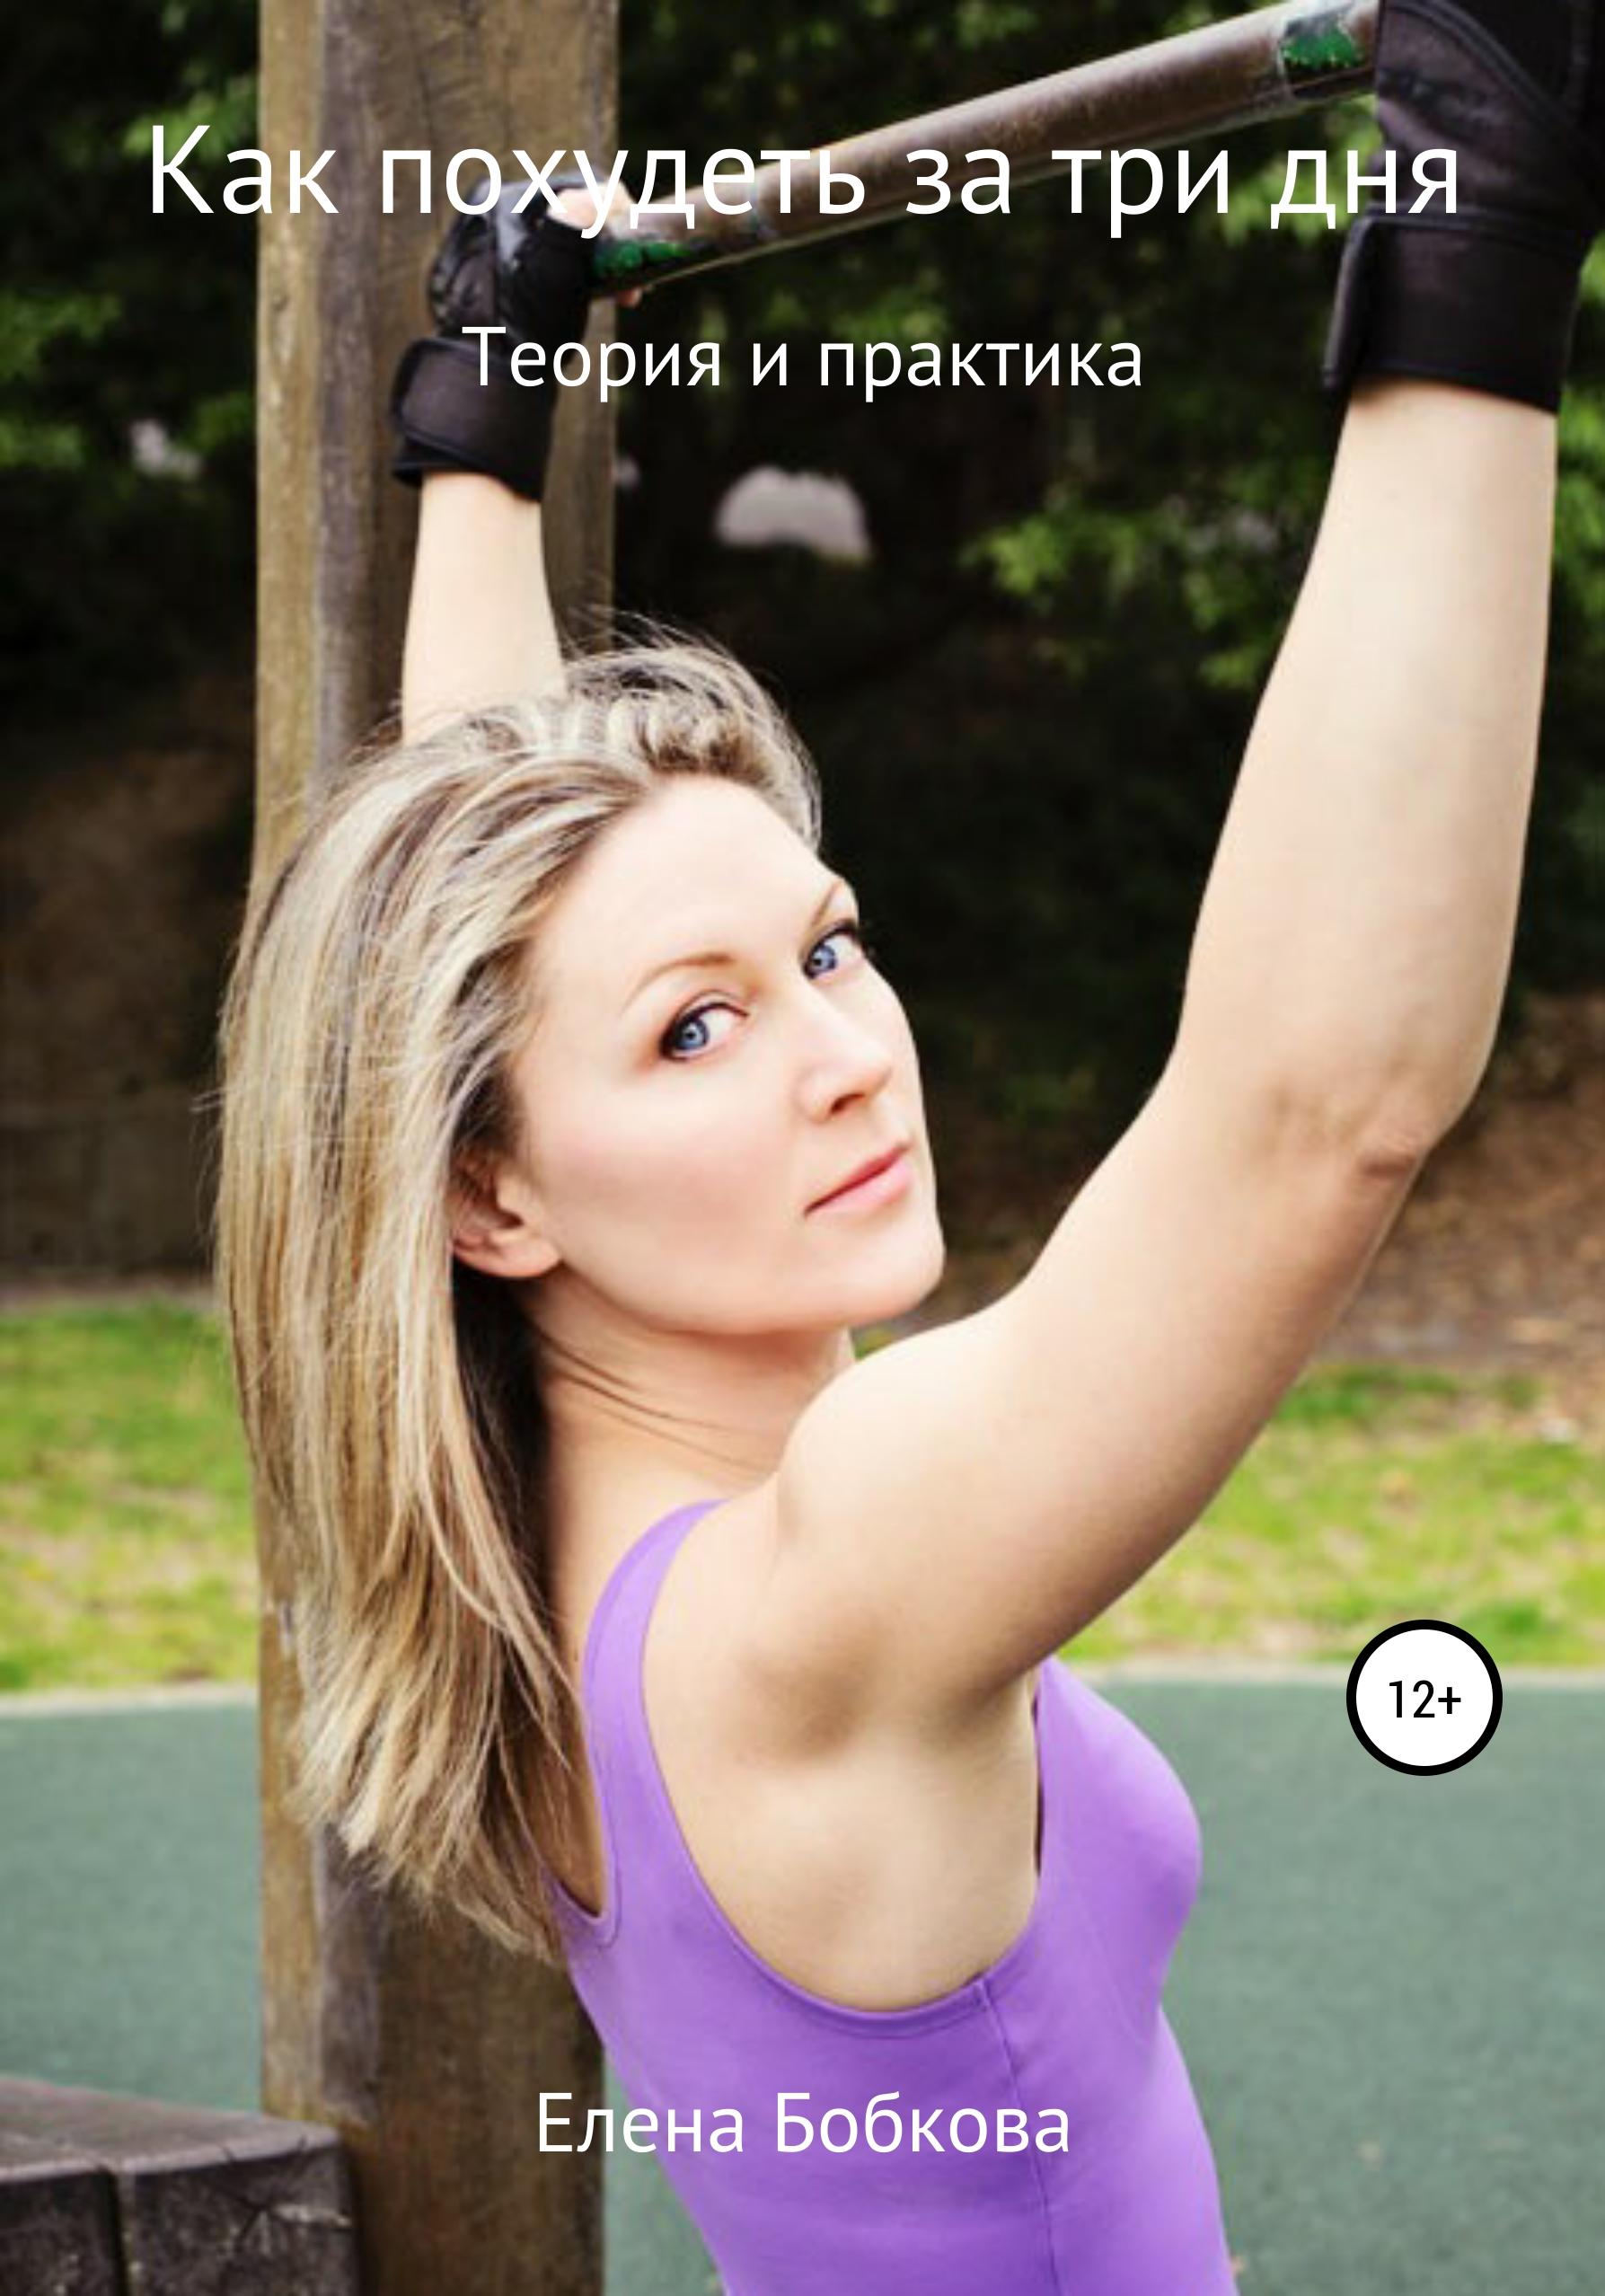 Елена Бобкова Как похудеть за три дня